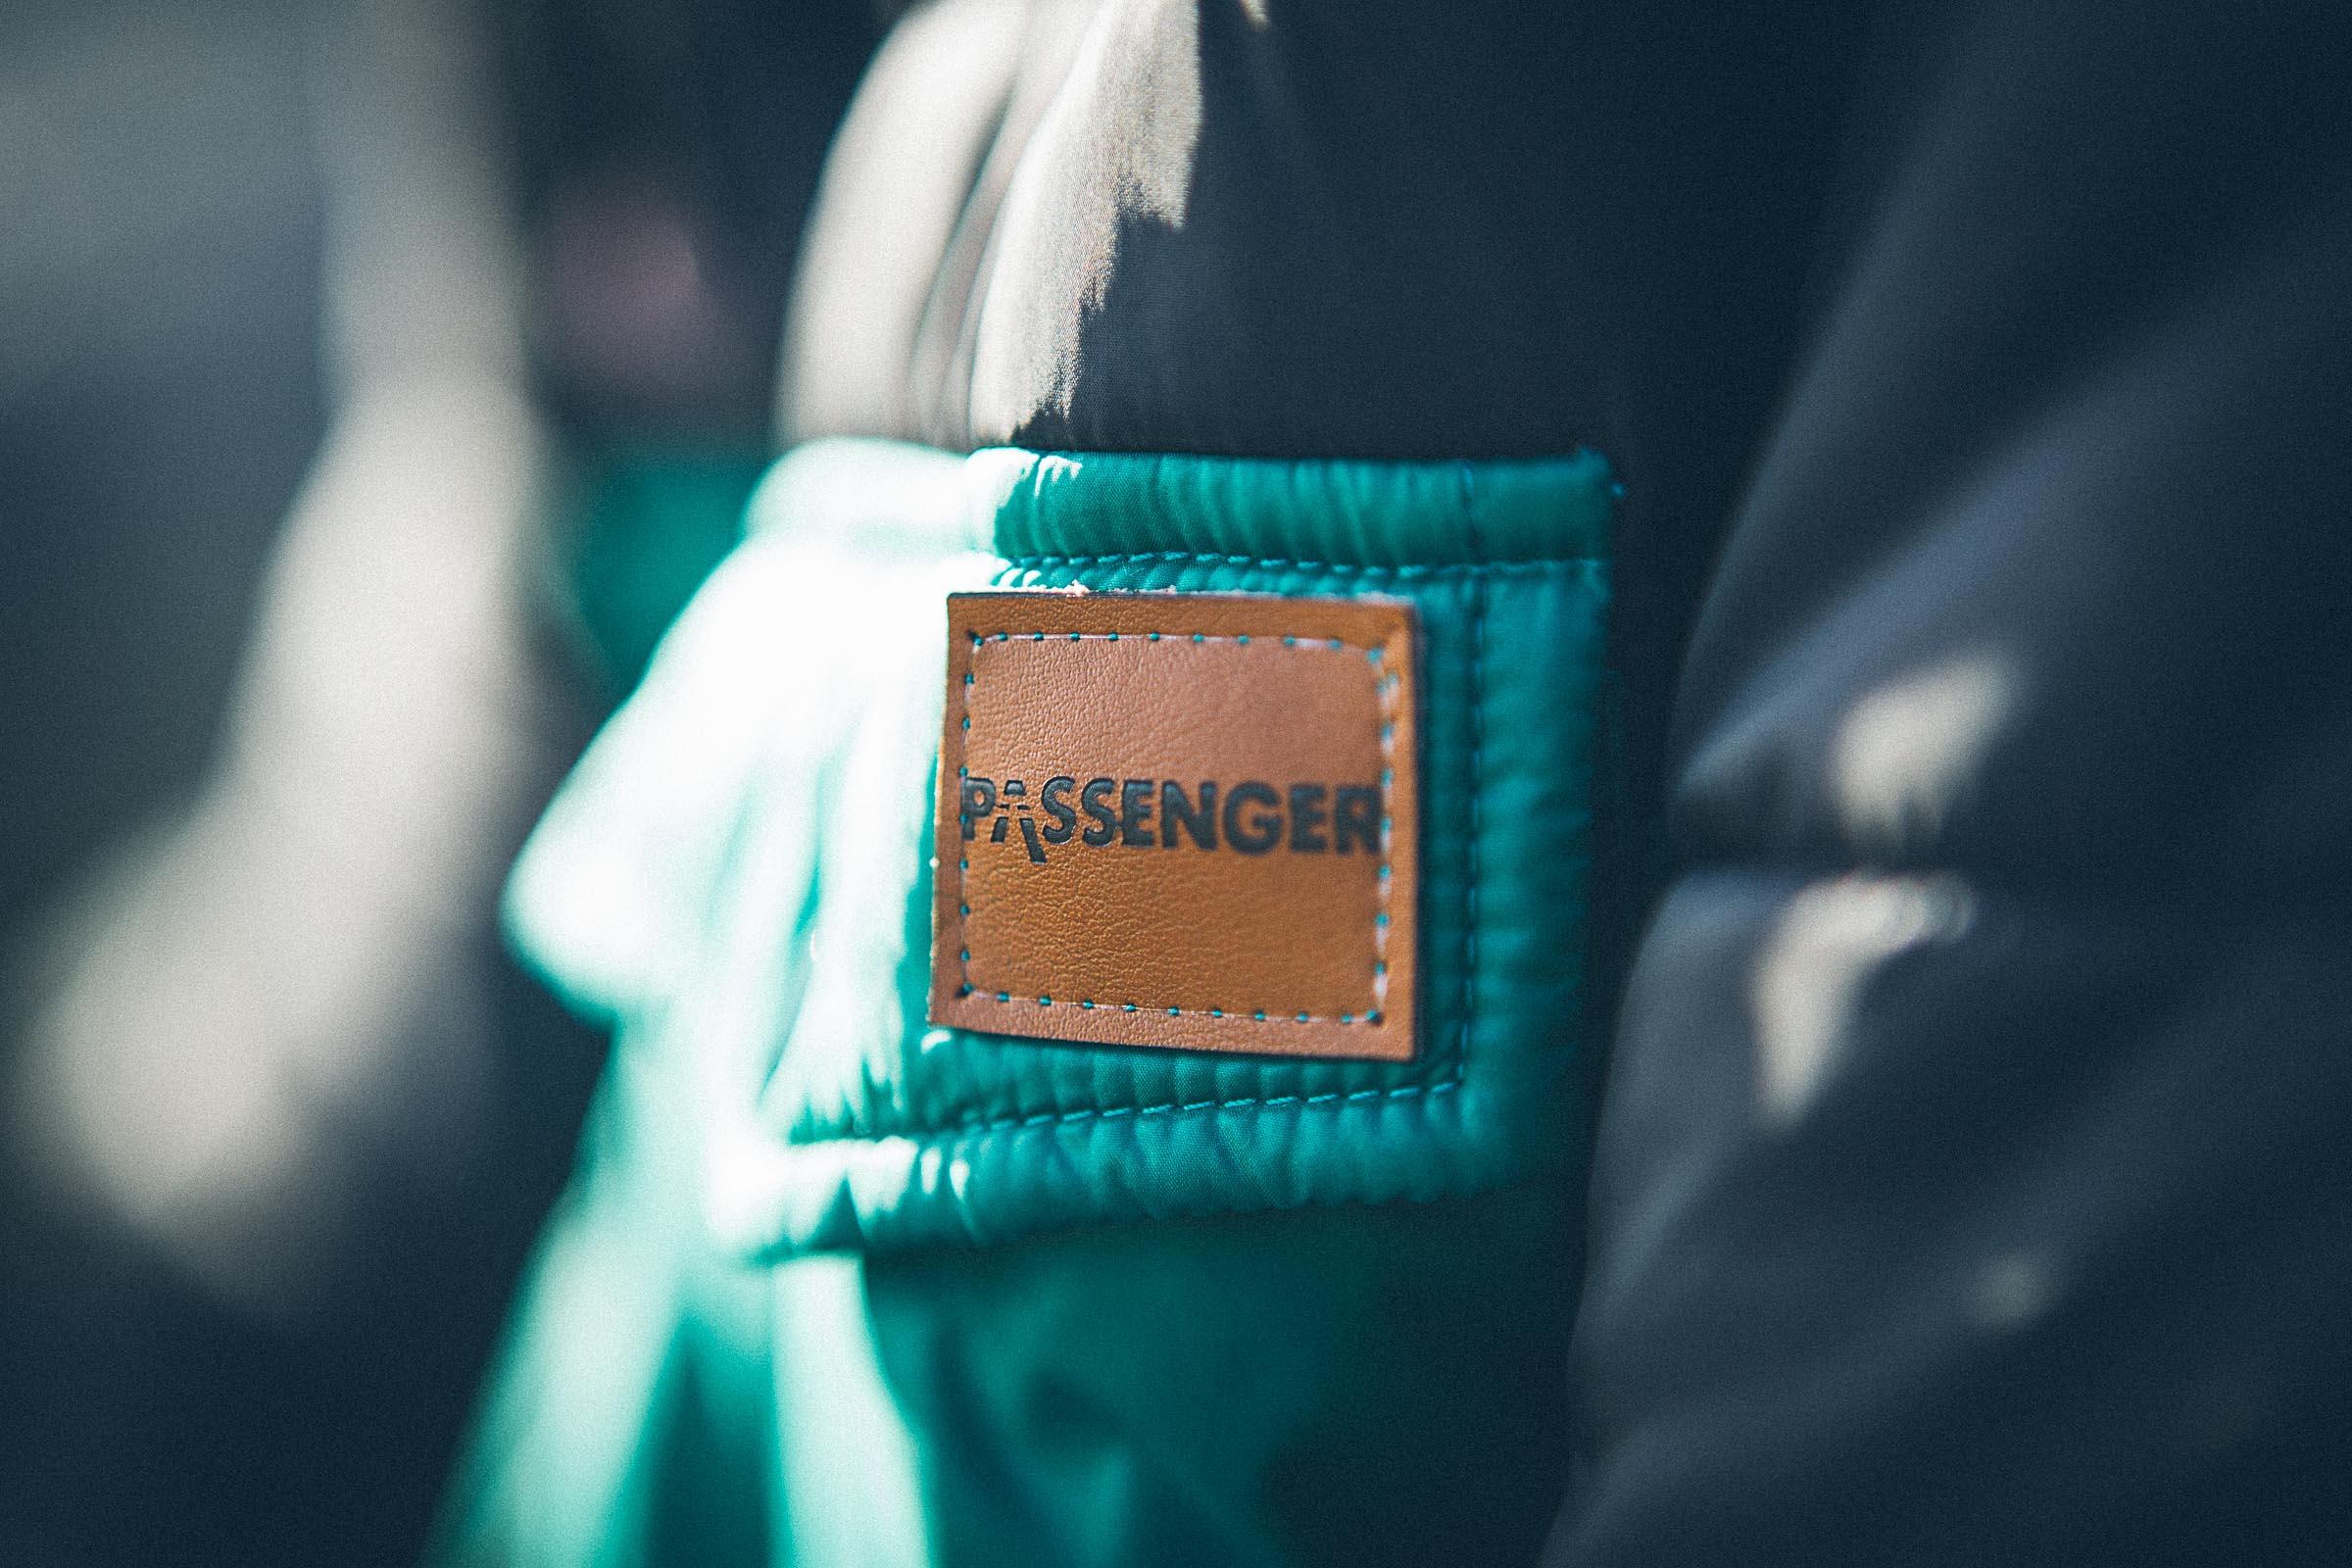 Passenger-lifestyle-clothing-fashion-70.jpg